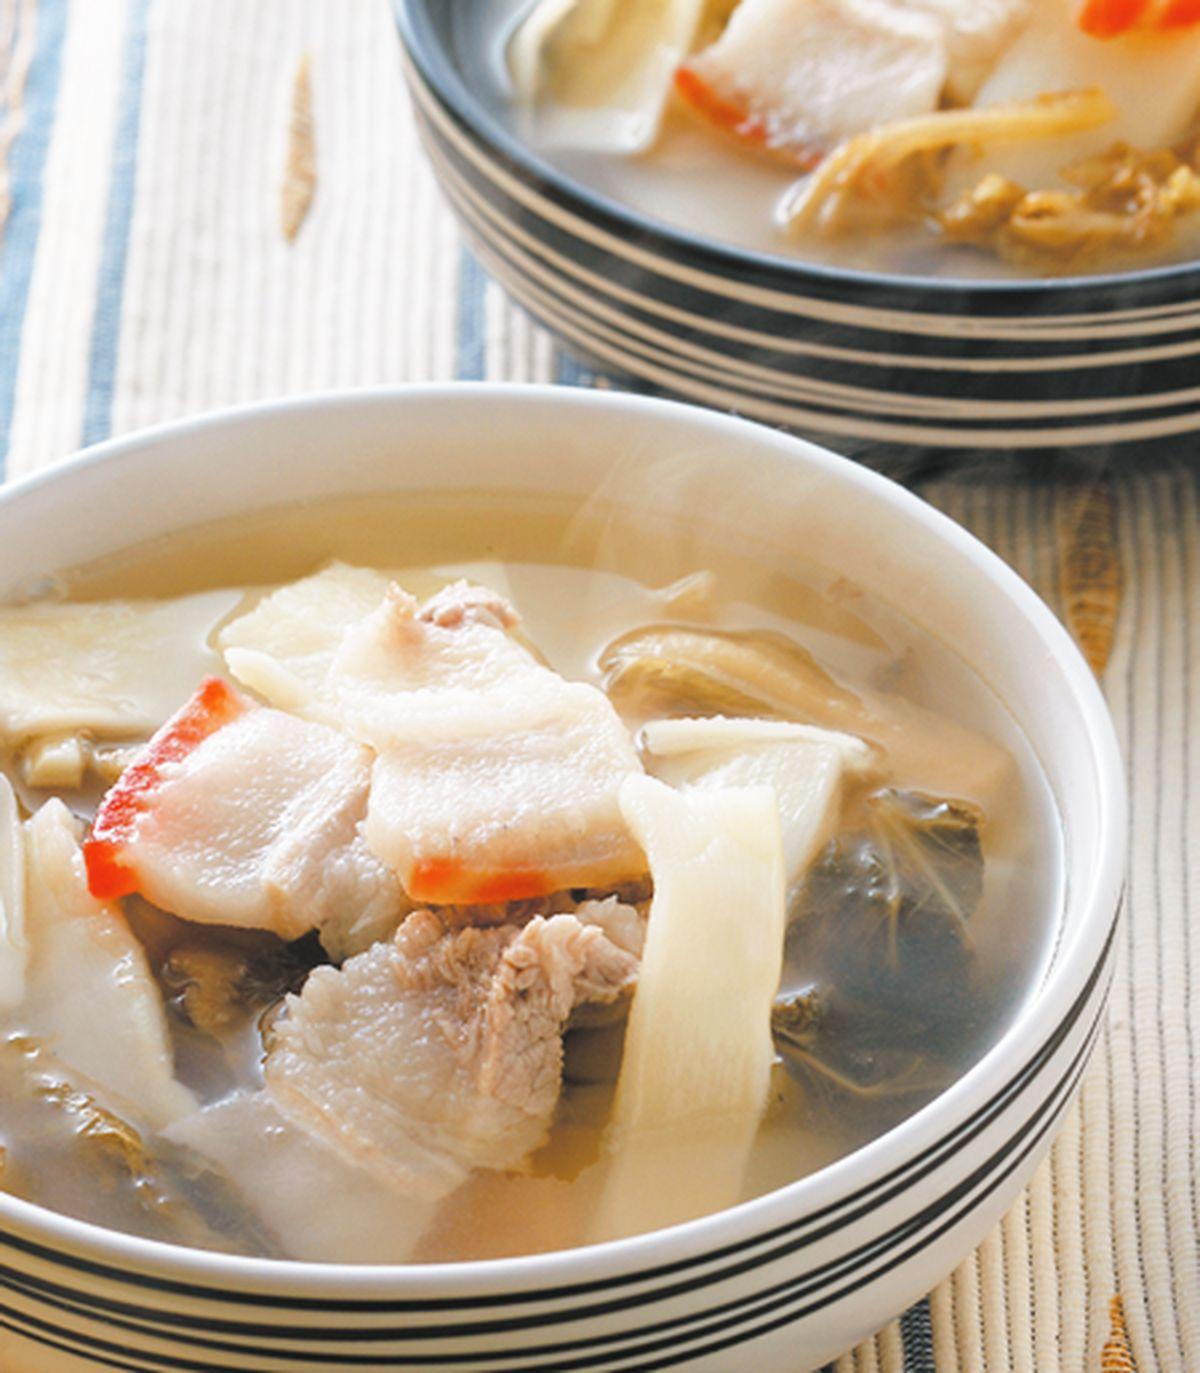 食譜:筍片福菜肉片湯